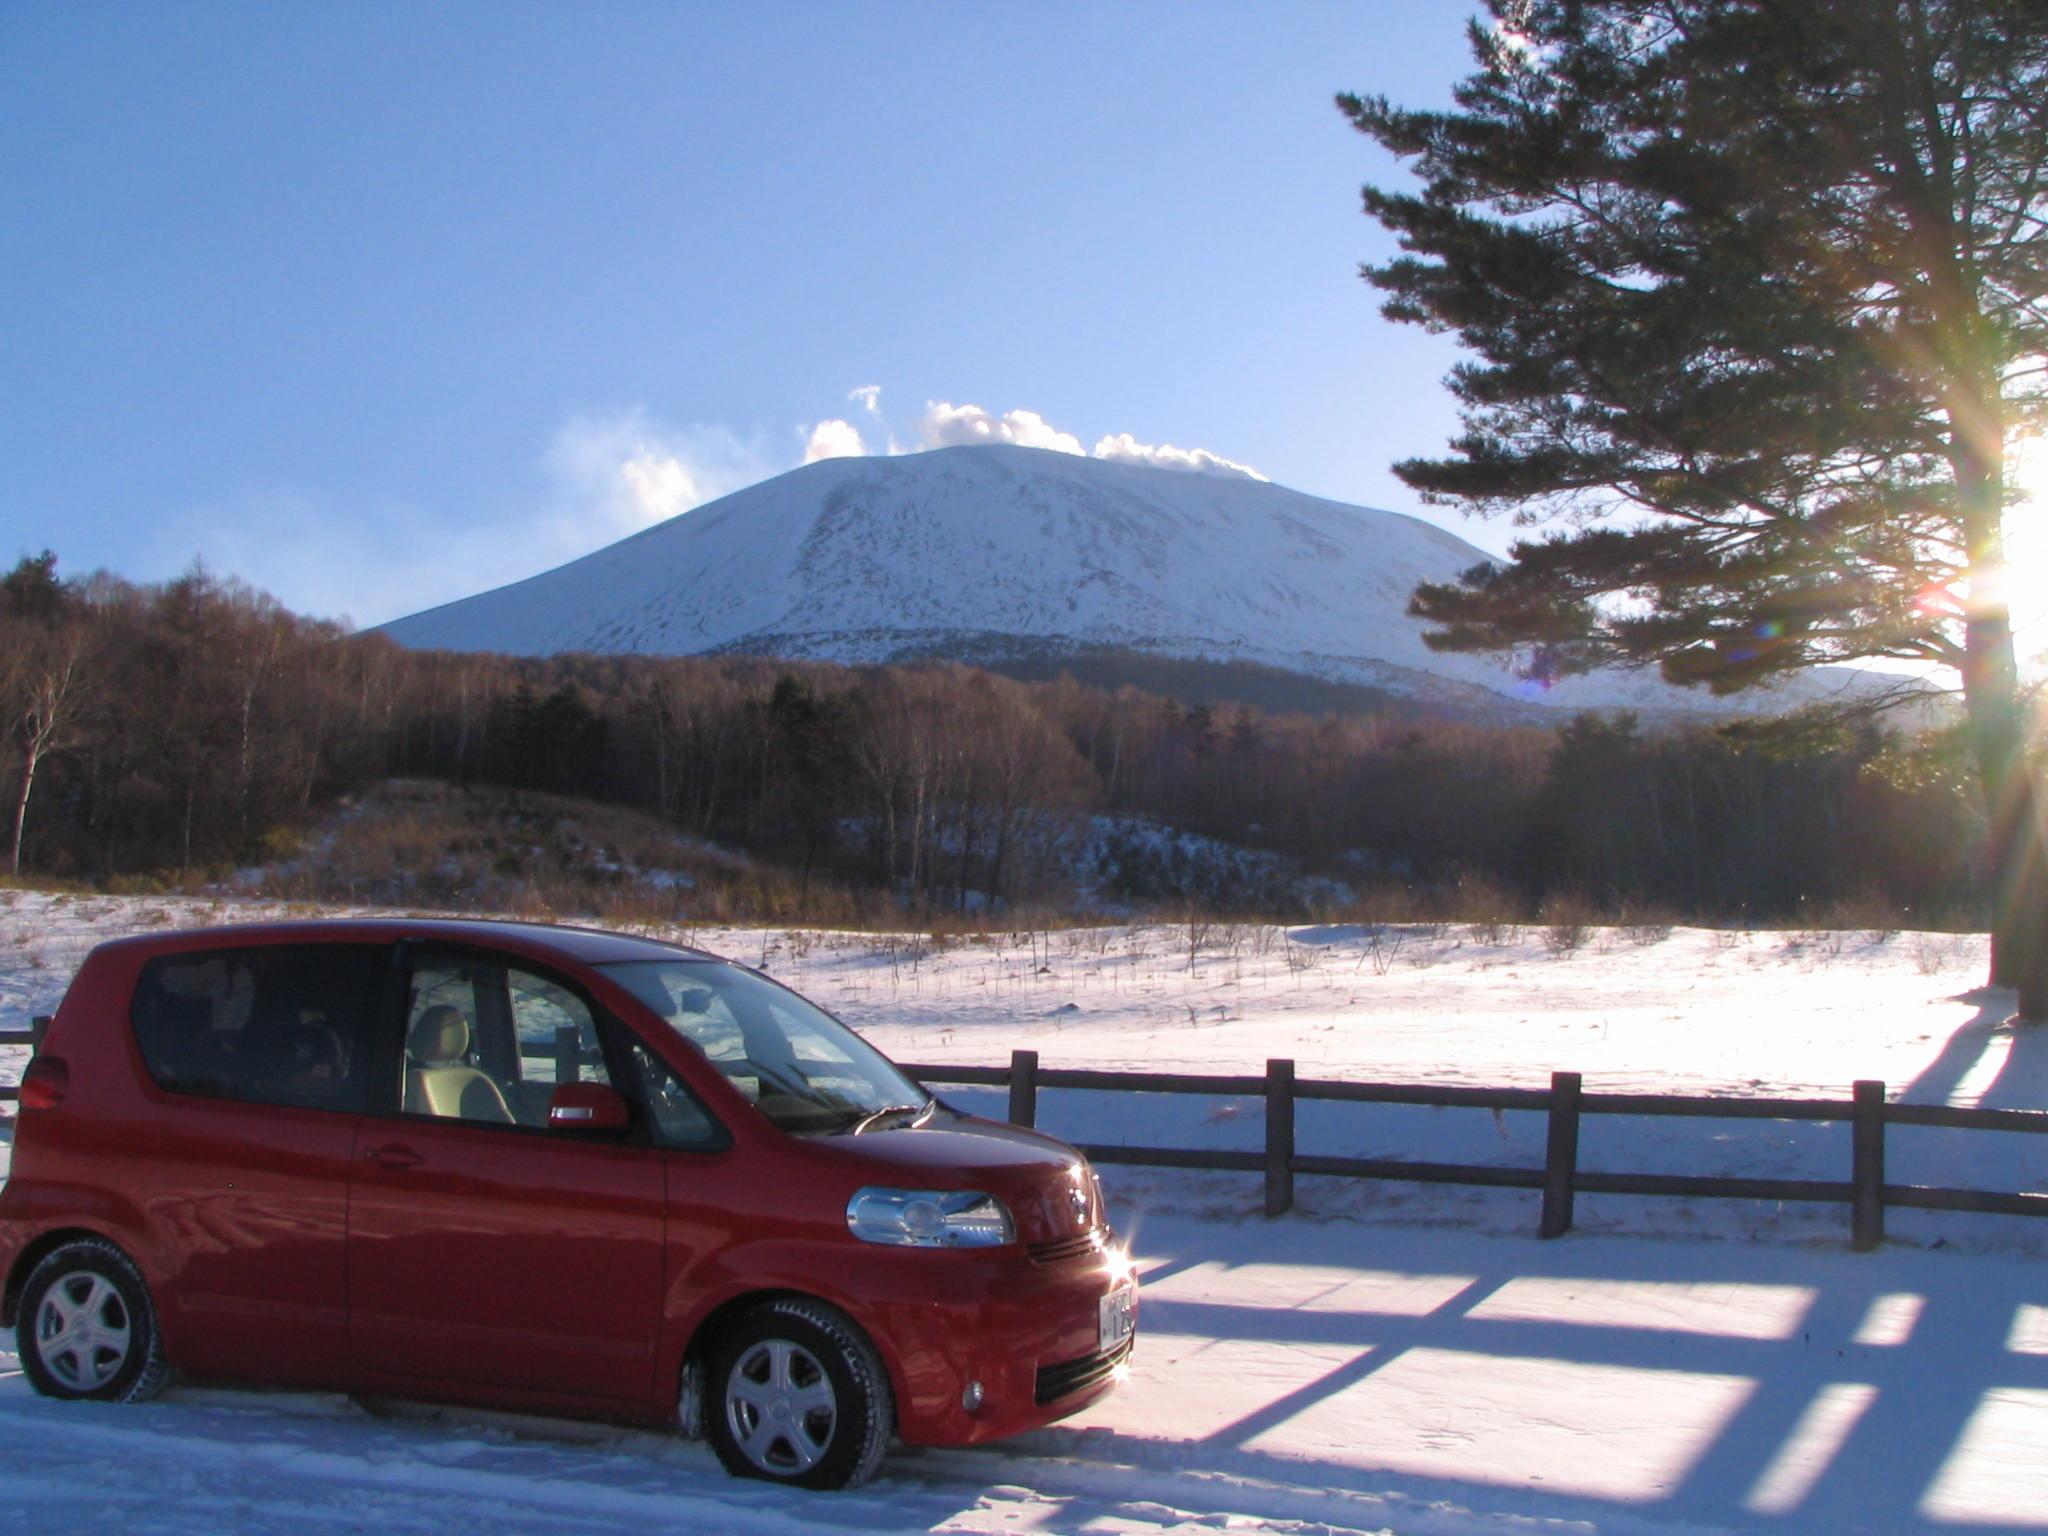 駐車場に積もった新雪で遊んだ結果